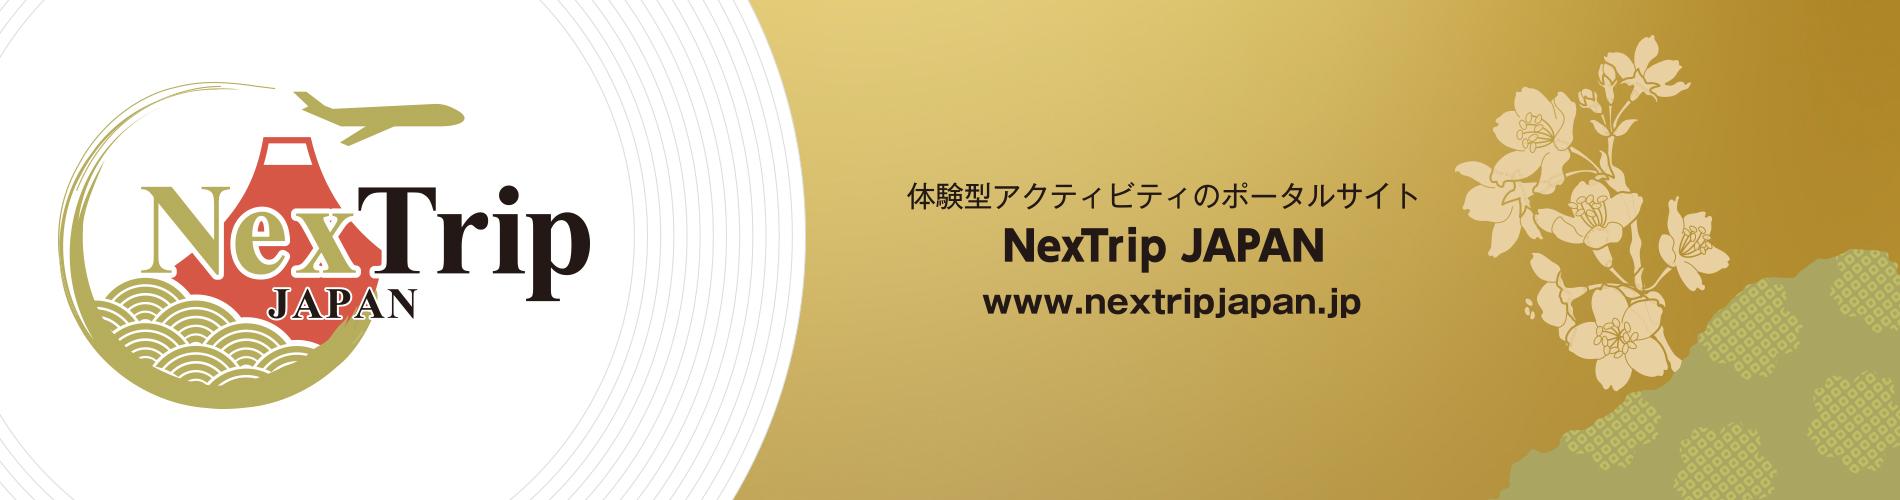 体験型アクティビティのポータルサイト NexTrip JAPAN